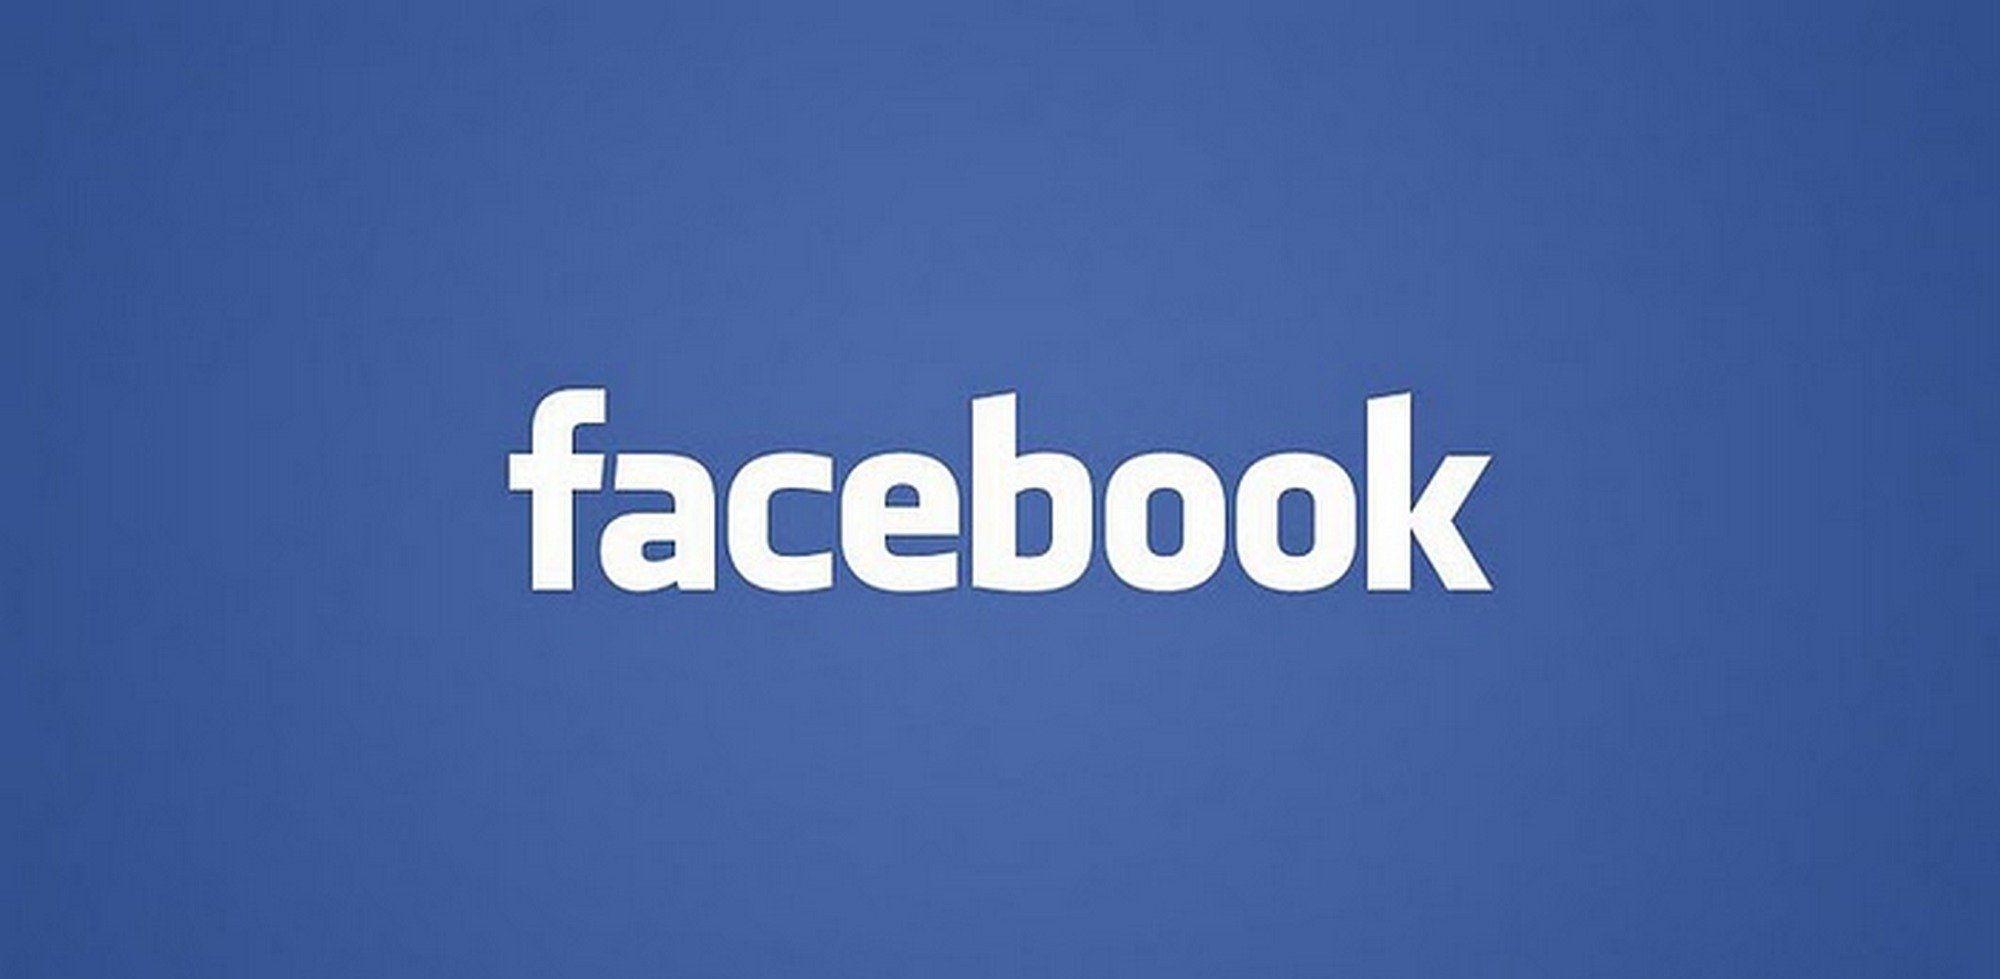 Facebook wallpaper, wallpaper hd, background desktop